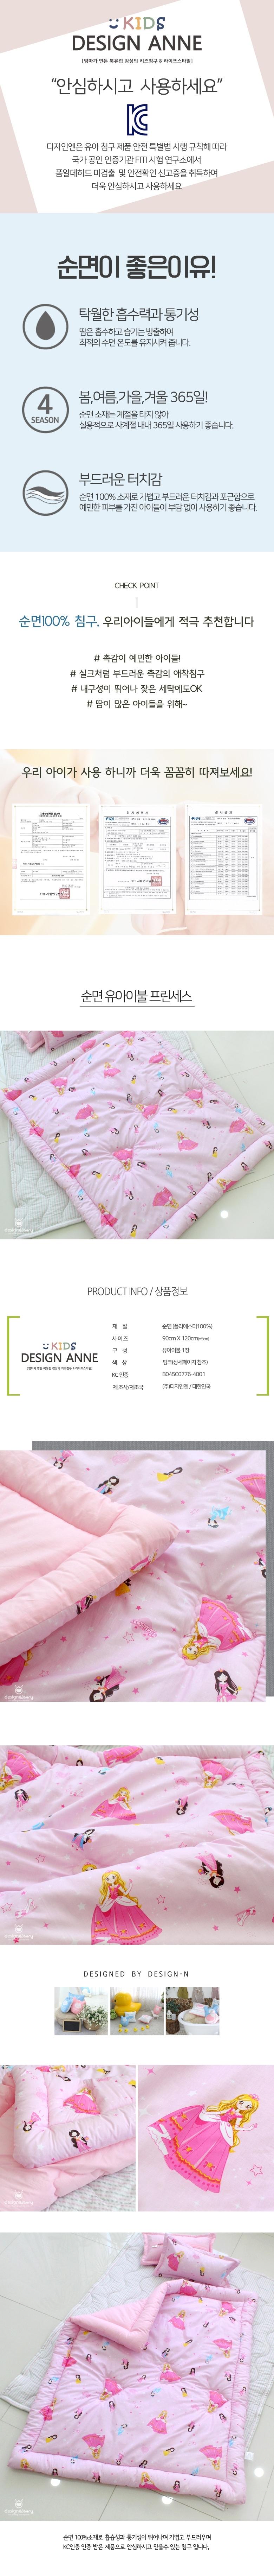 [디자인엔스토리] 순면 엔 프린세스 유아 차렵이불 - 디자인엔, 36,900원, 패브릭/침구, 낮잠이불